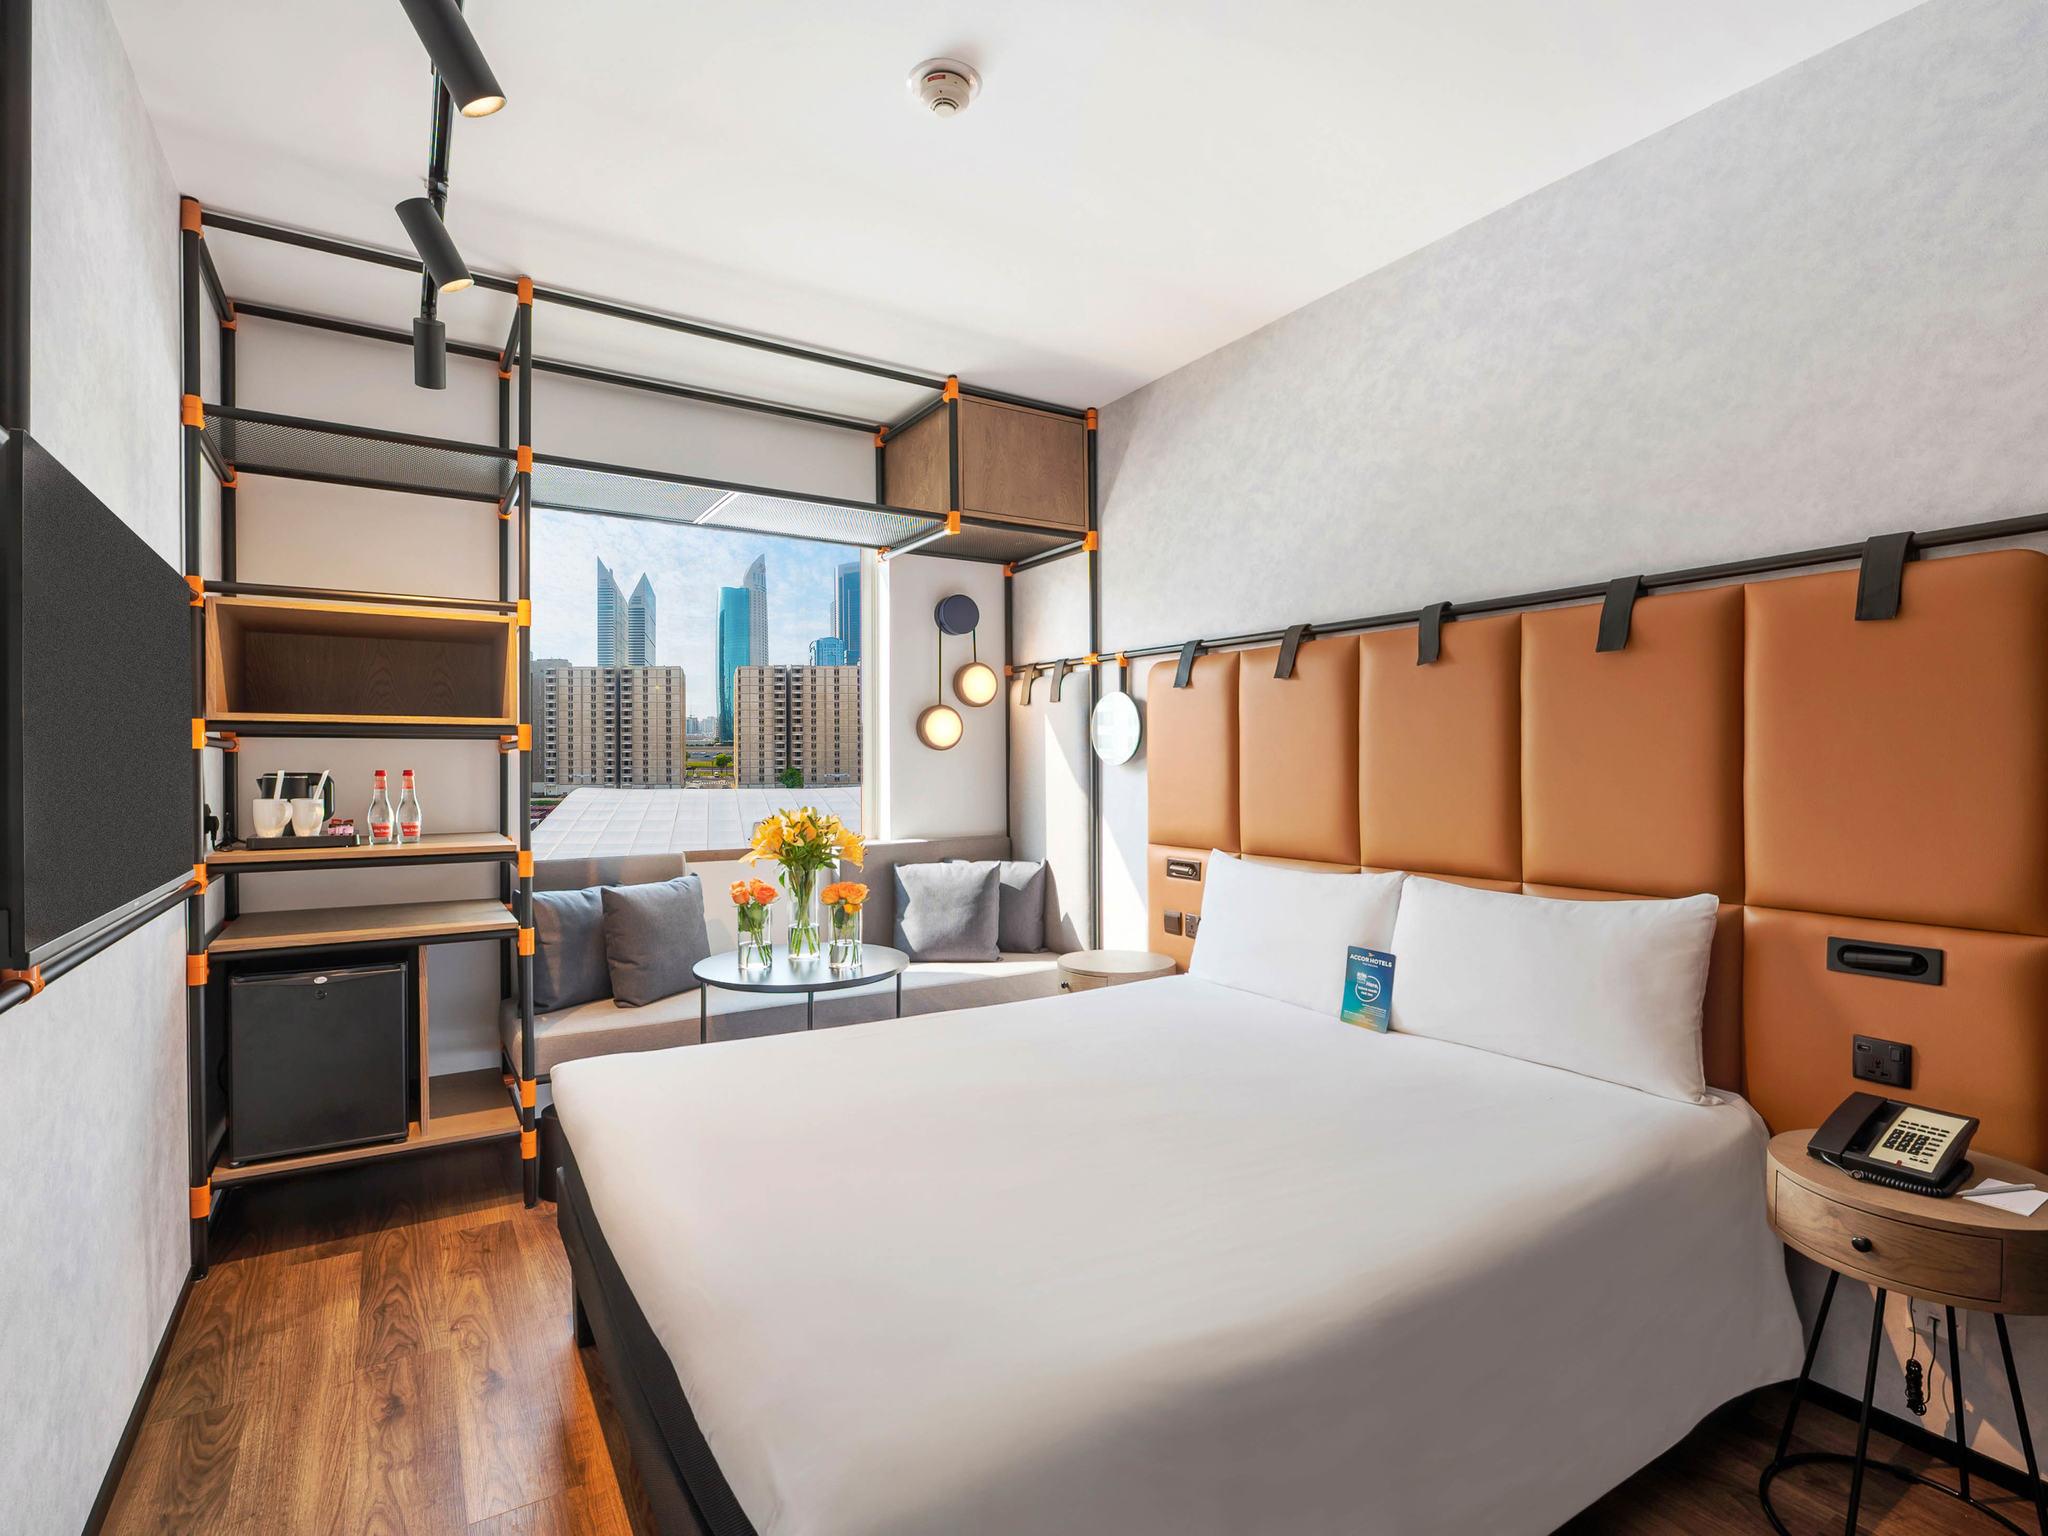 โรงแรม – ไอบิส เวิลด์เทรดเซ็นเตอร์ ดูไบ